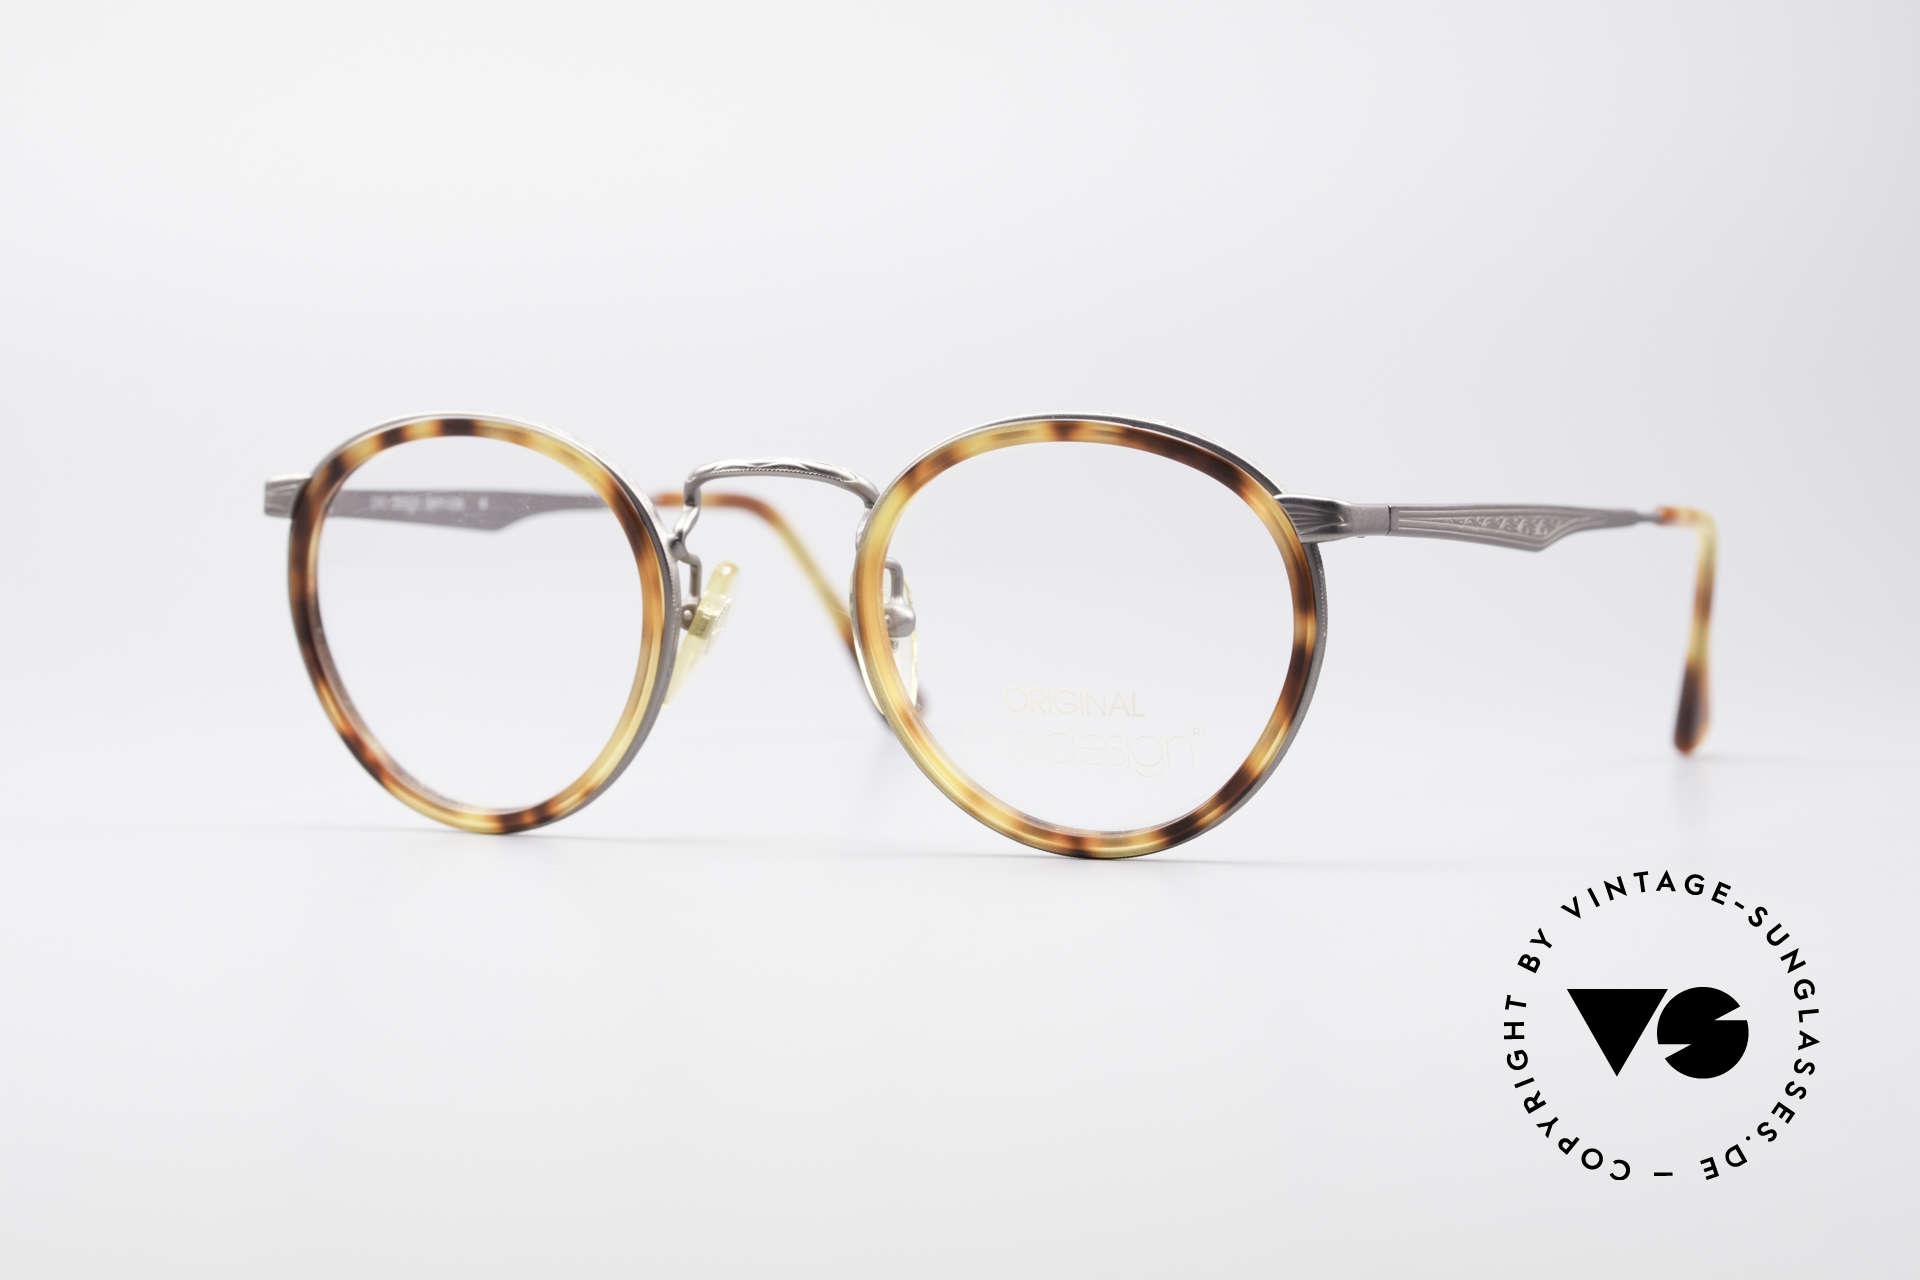 ProDesign Denmark Club 55C Panto Glasses, Pro Design Optic Studio Denmark vintage glasses, Made for Men